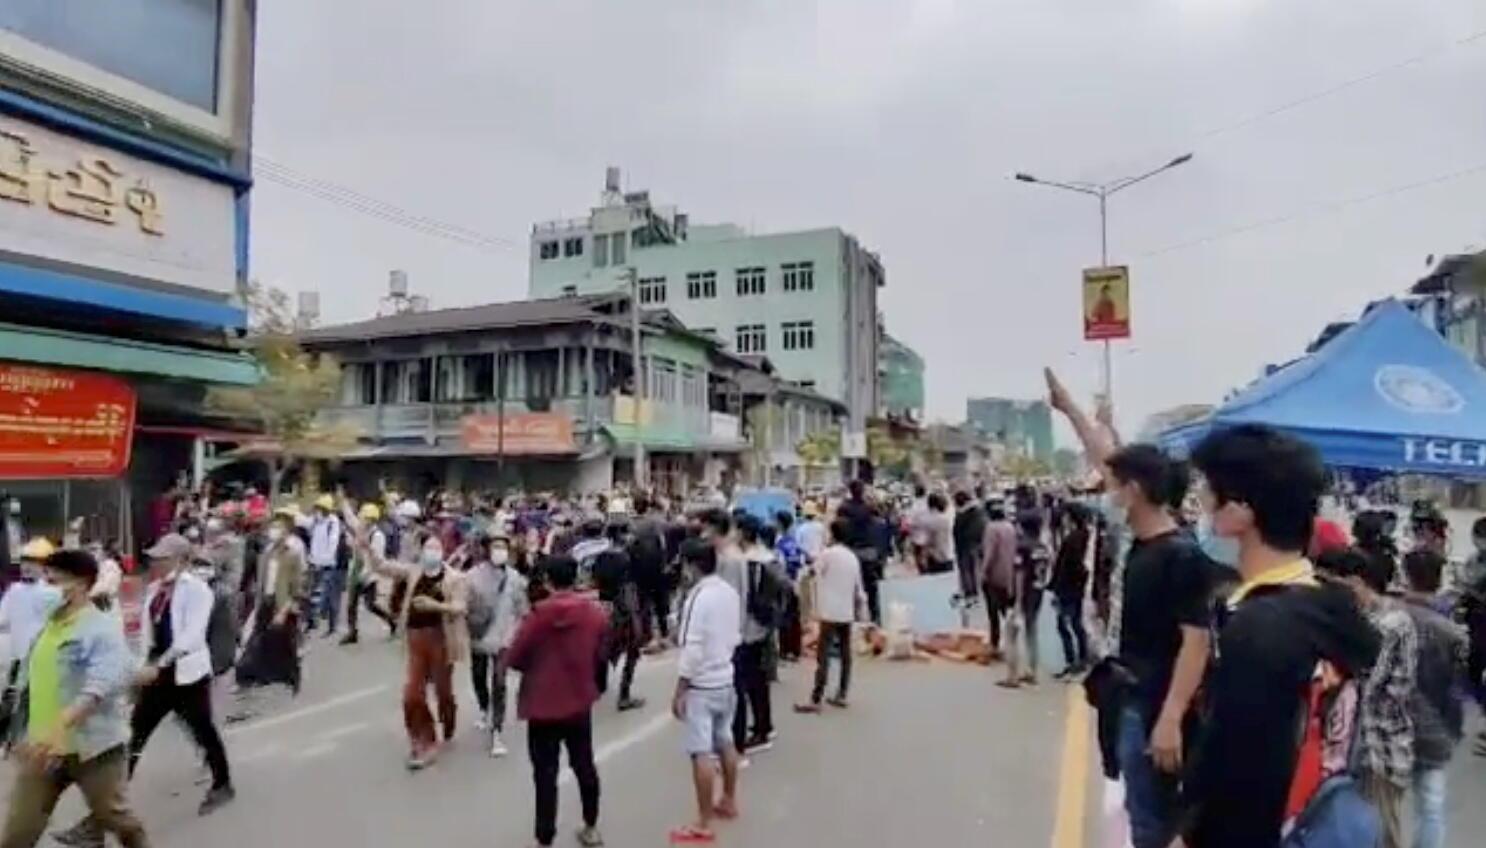 Birmanie - Myitkyina - Manifestations 2021-03-08T081840Z_1901244107_RC2W6M9B4PUH_RTRMADP_3_MYANMAR-POLITICS